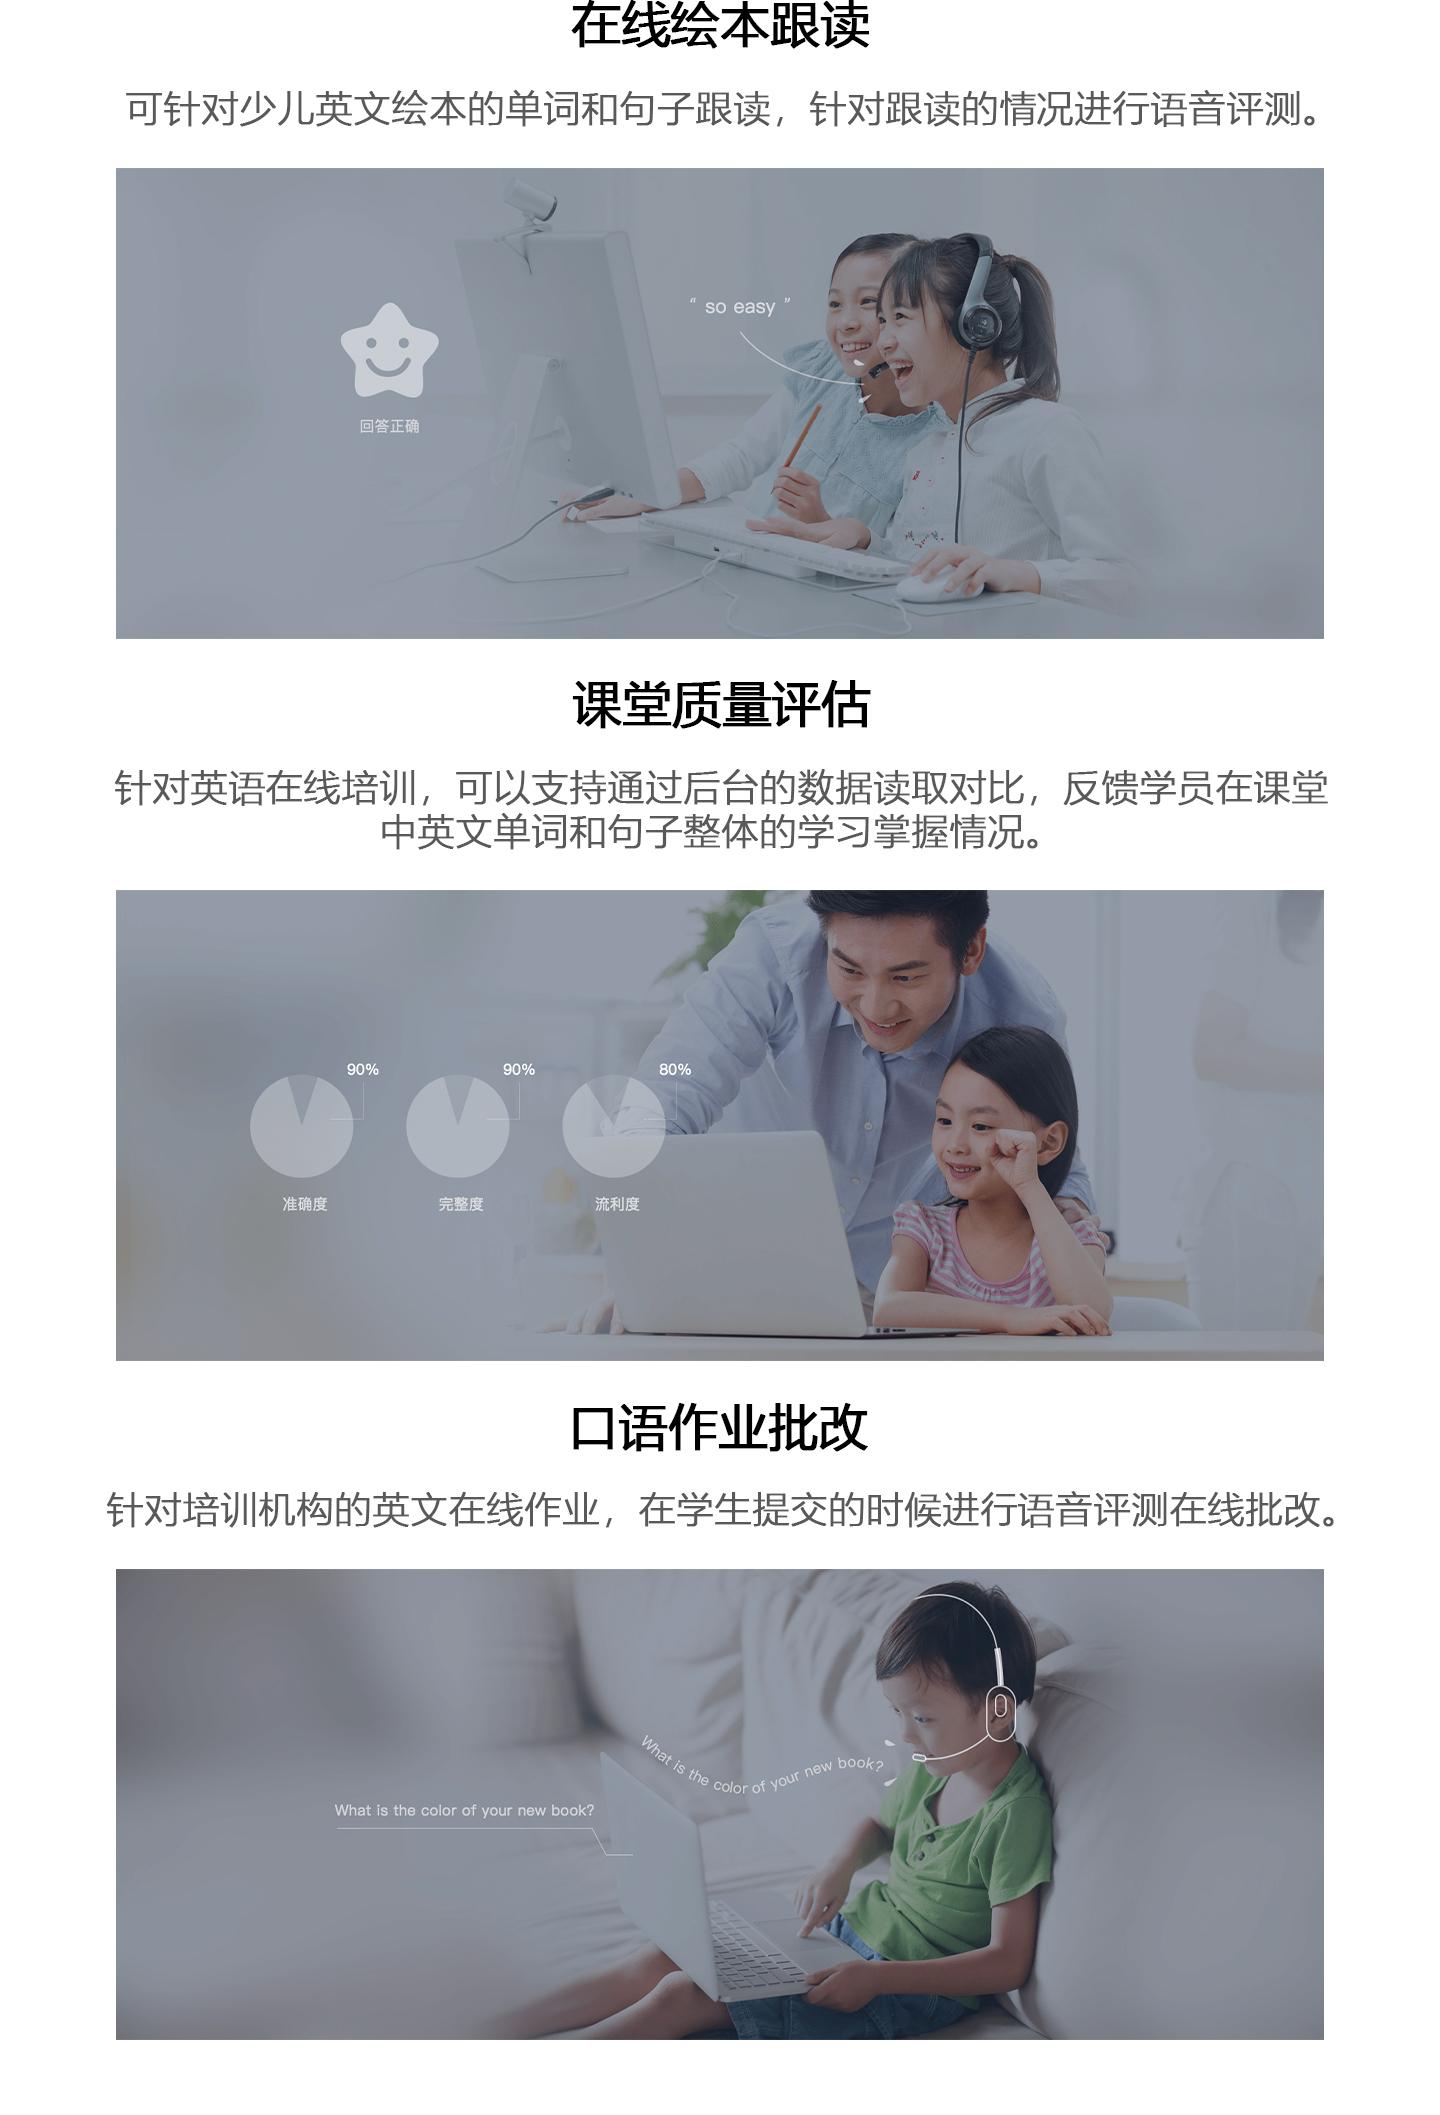 口语测评英文1440_03.jpg